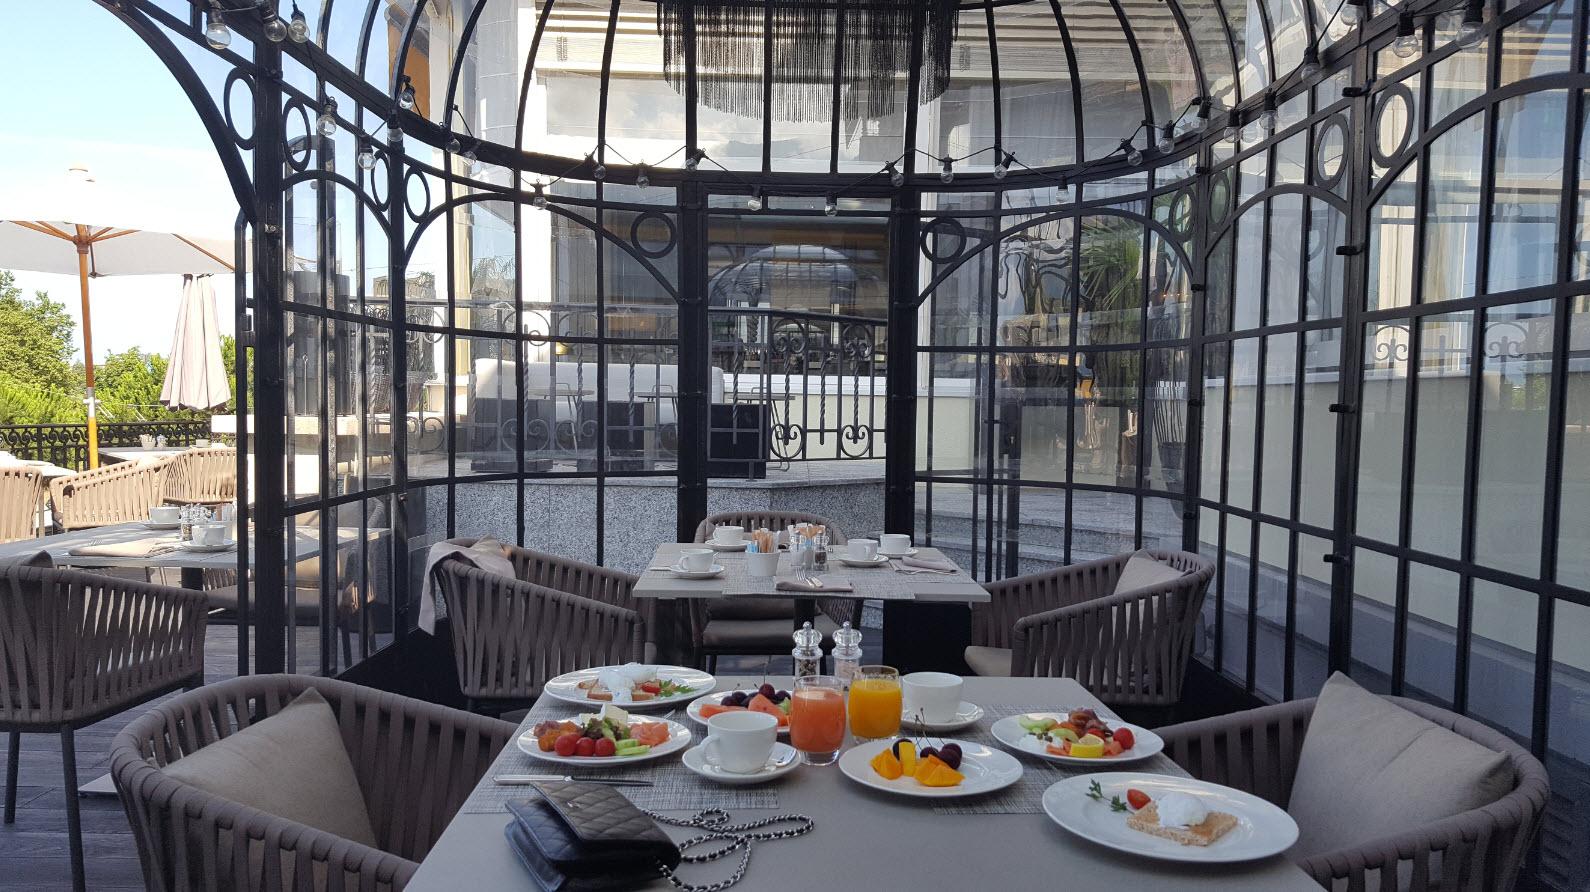 Petit-dejeuner en terrasse face au lac a Montreux